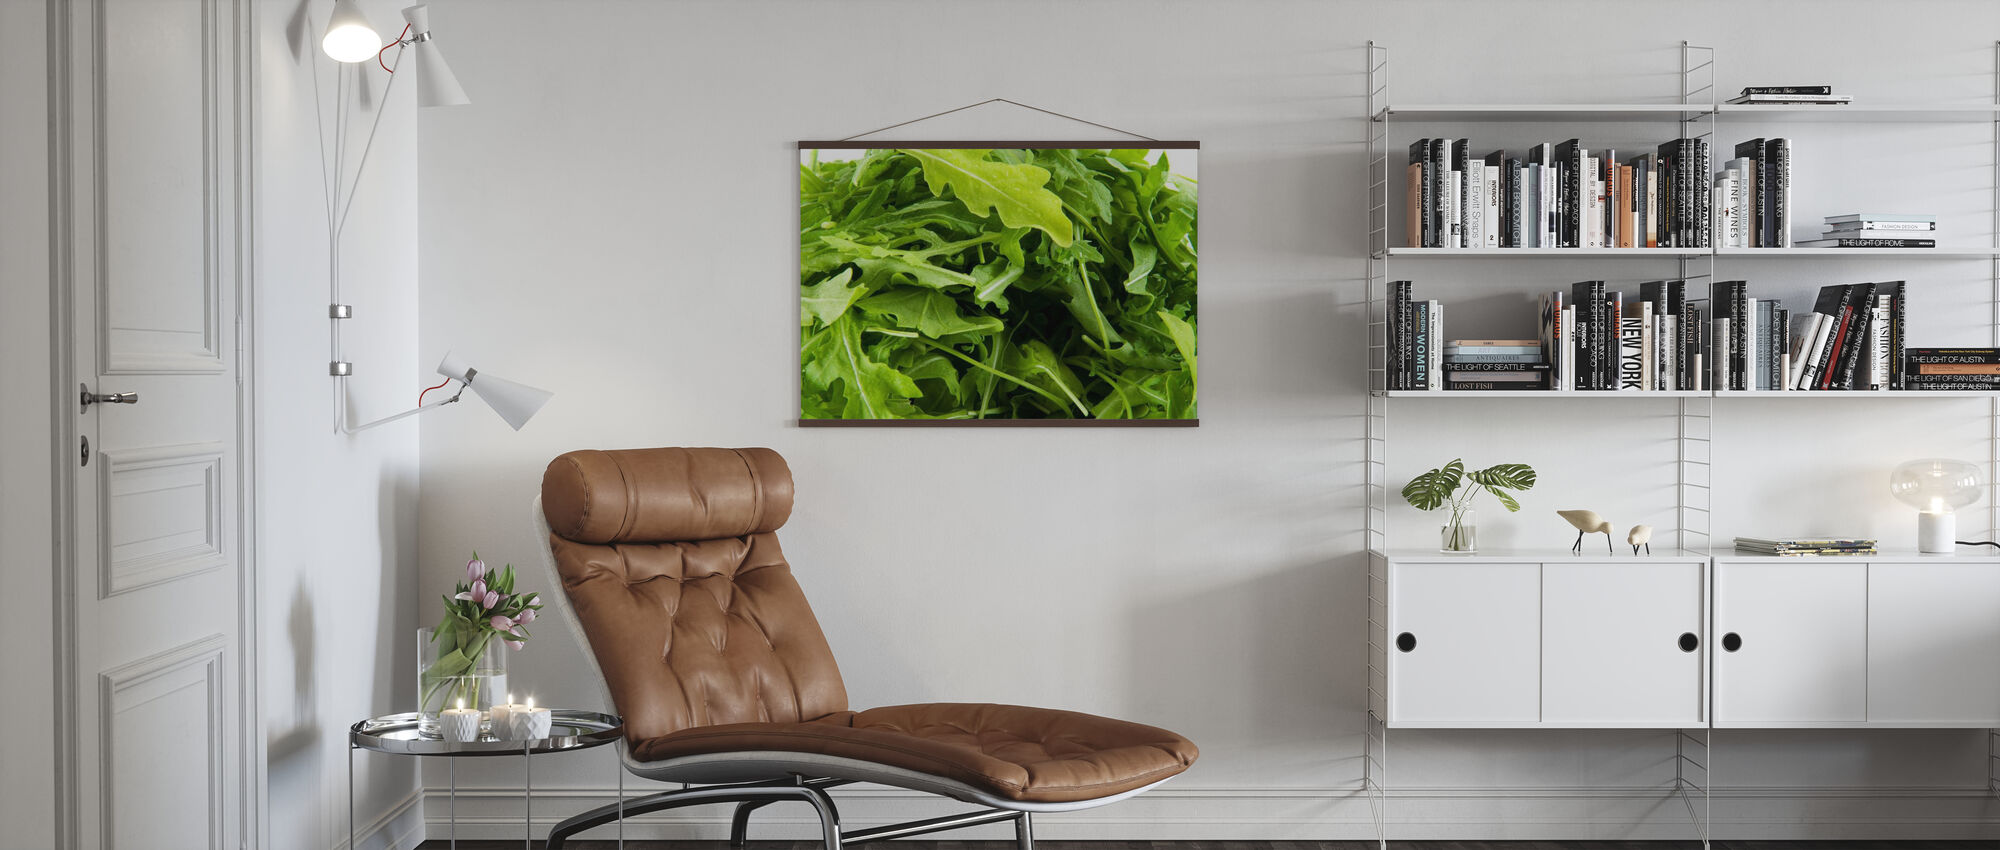 Frische Ruccola - Poster - Wohnzimmer